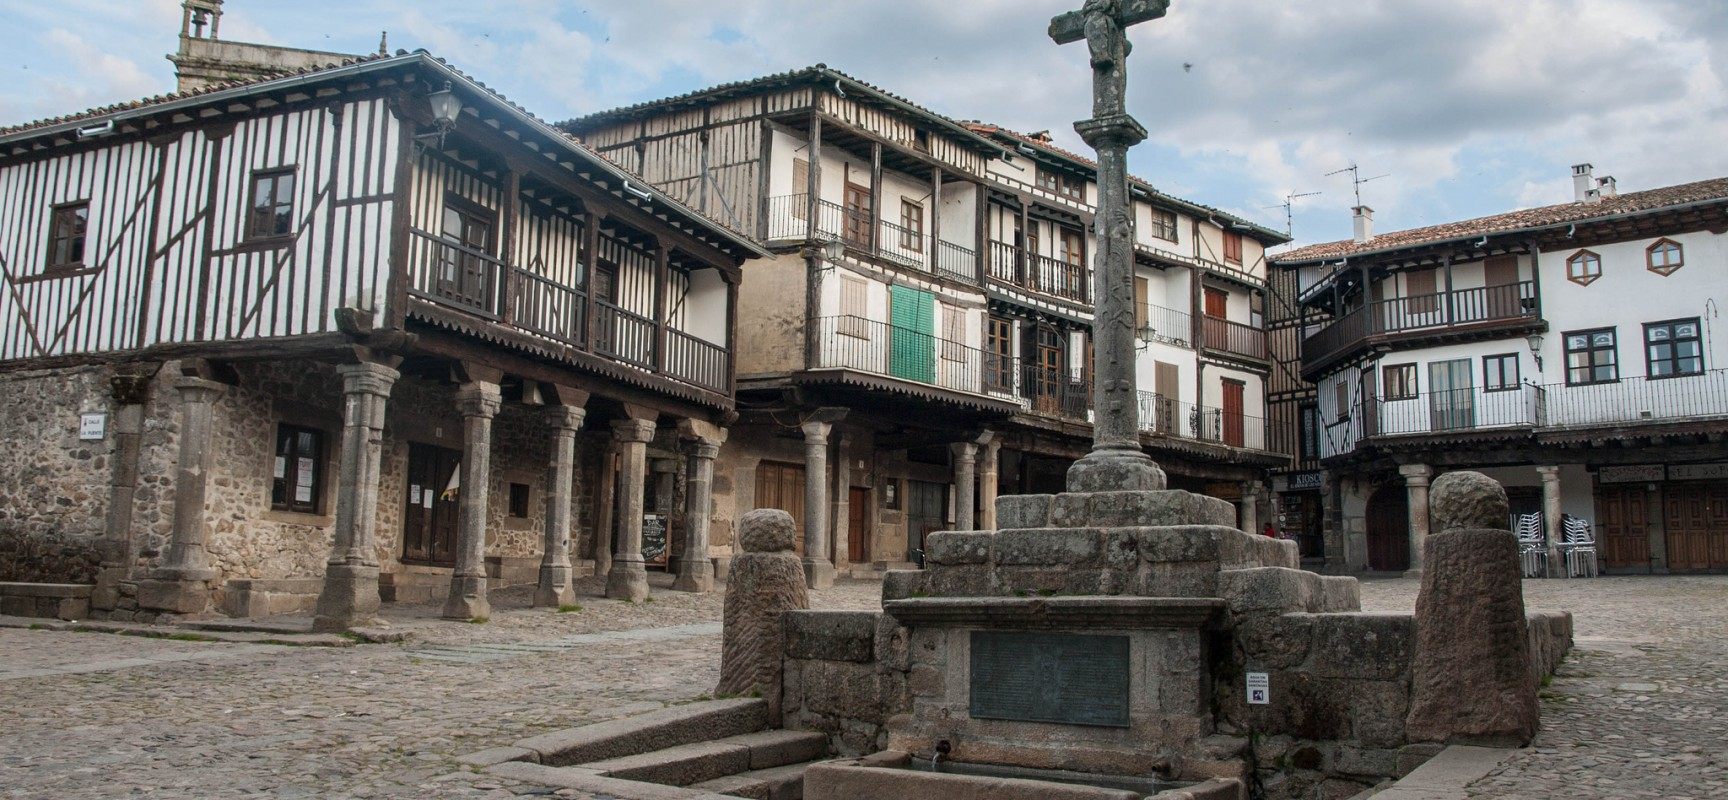 10 pueblos con encanto para disfrutar en castilla y le n for Oficina turismo castilla y leon